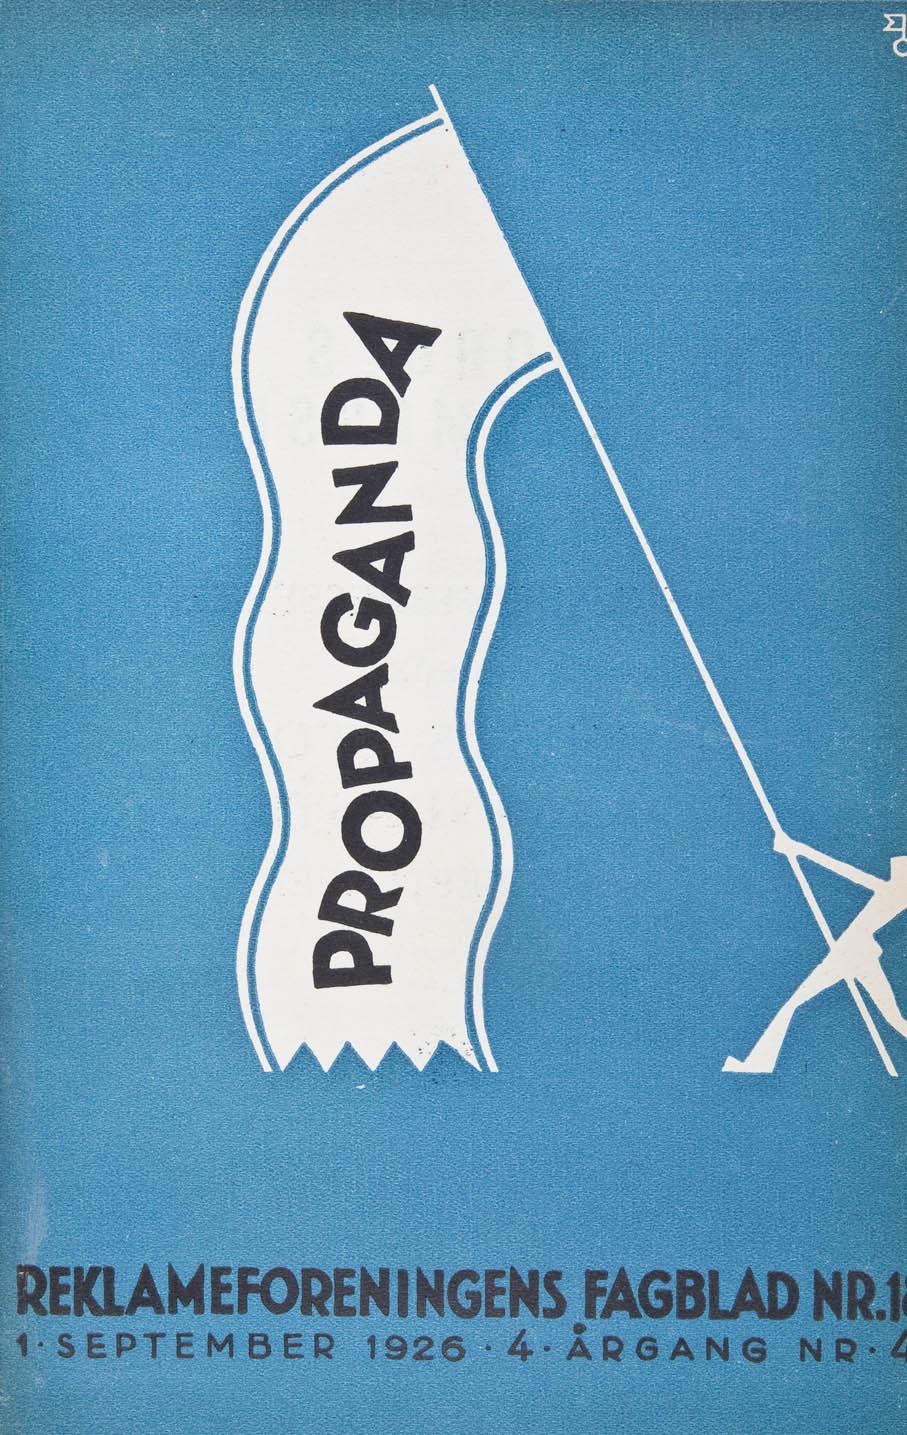 Slagkraftig Propaganda-forside utført ved Eyvin Ovrums atelier i 1926.